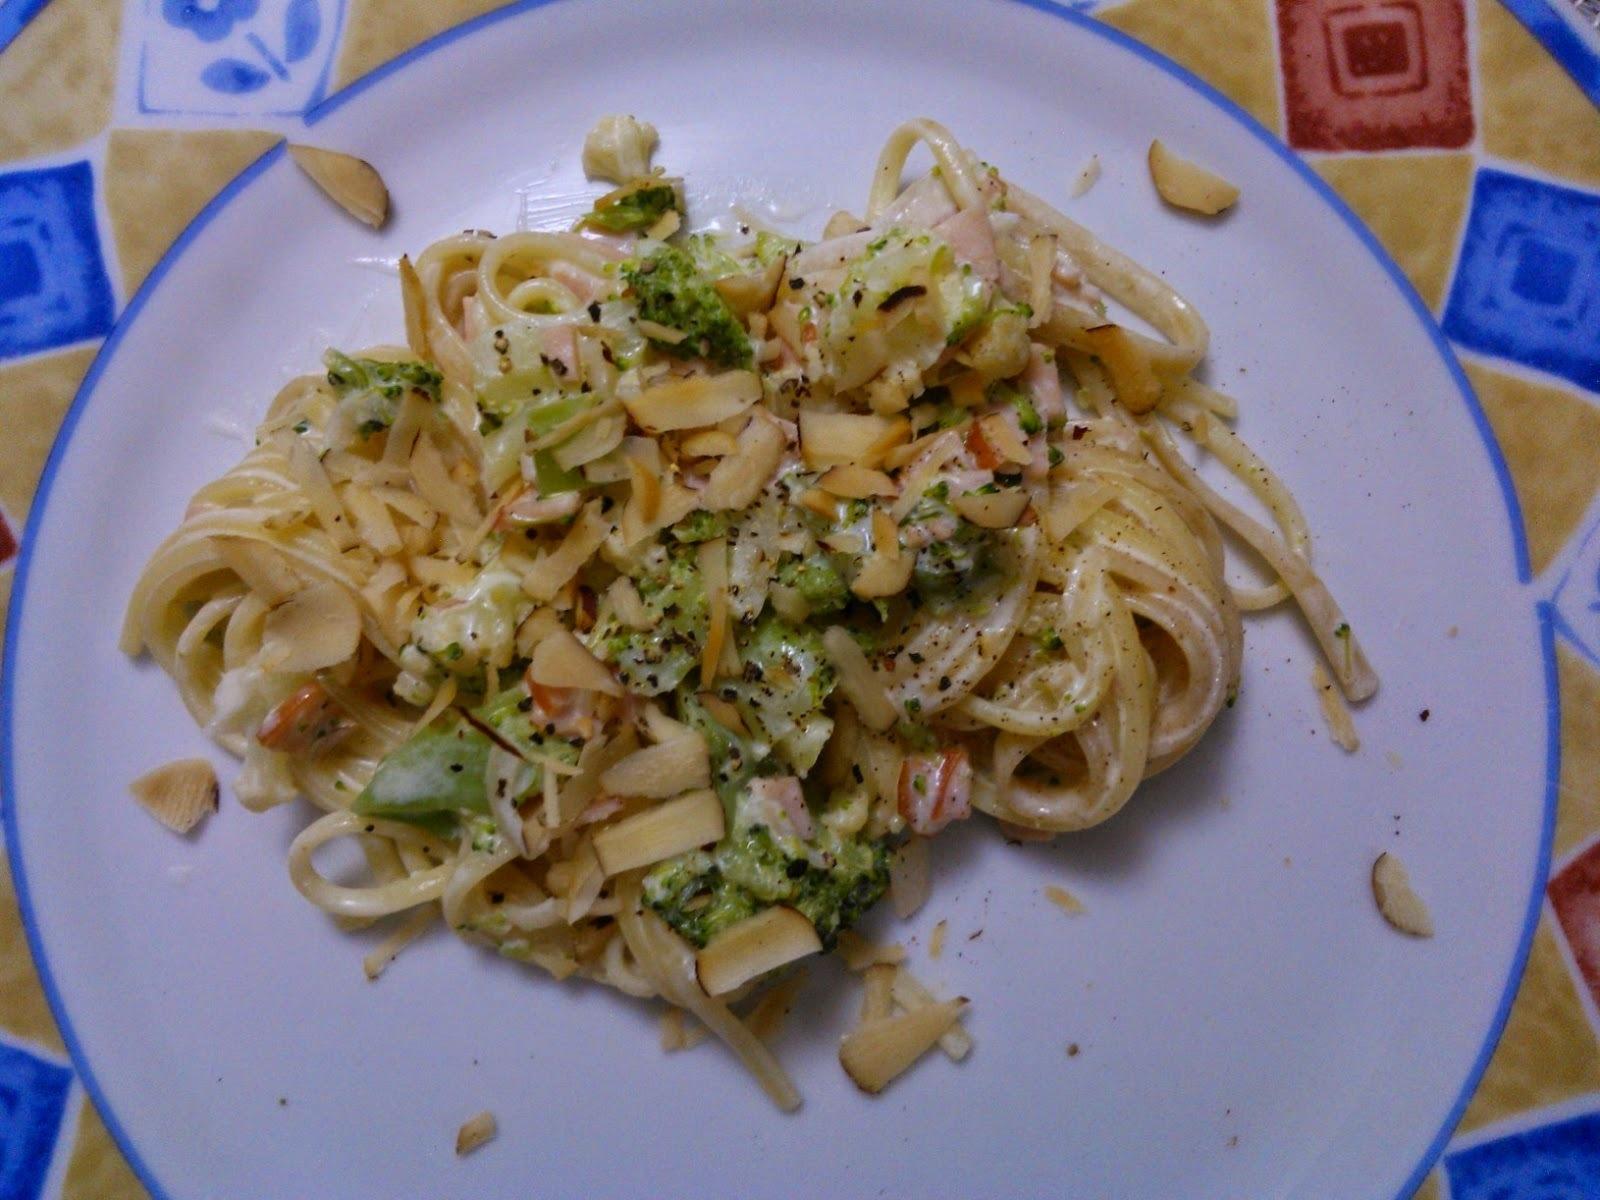 Talharim com brócolis e peito de peru